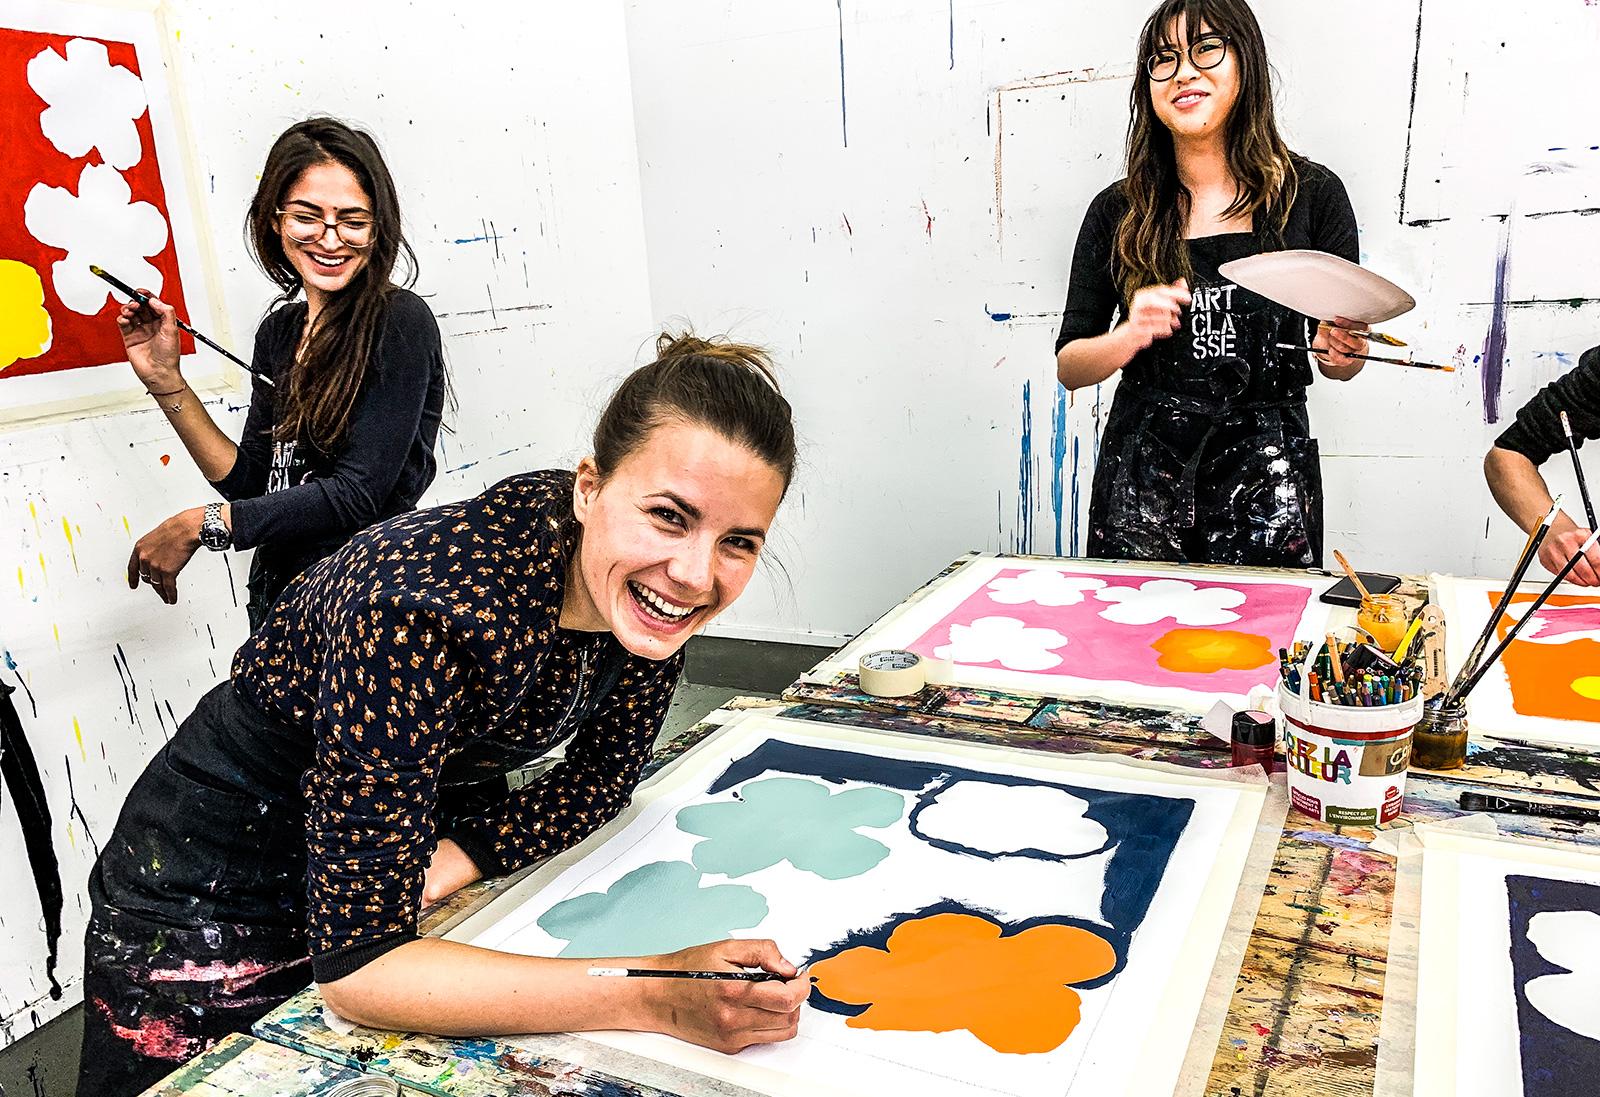 ART-CLASSE_ateliers_REAL-FAKE-9.jpg